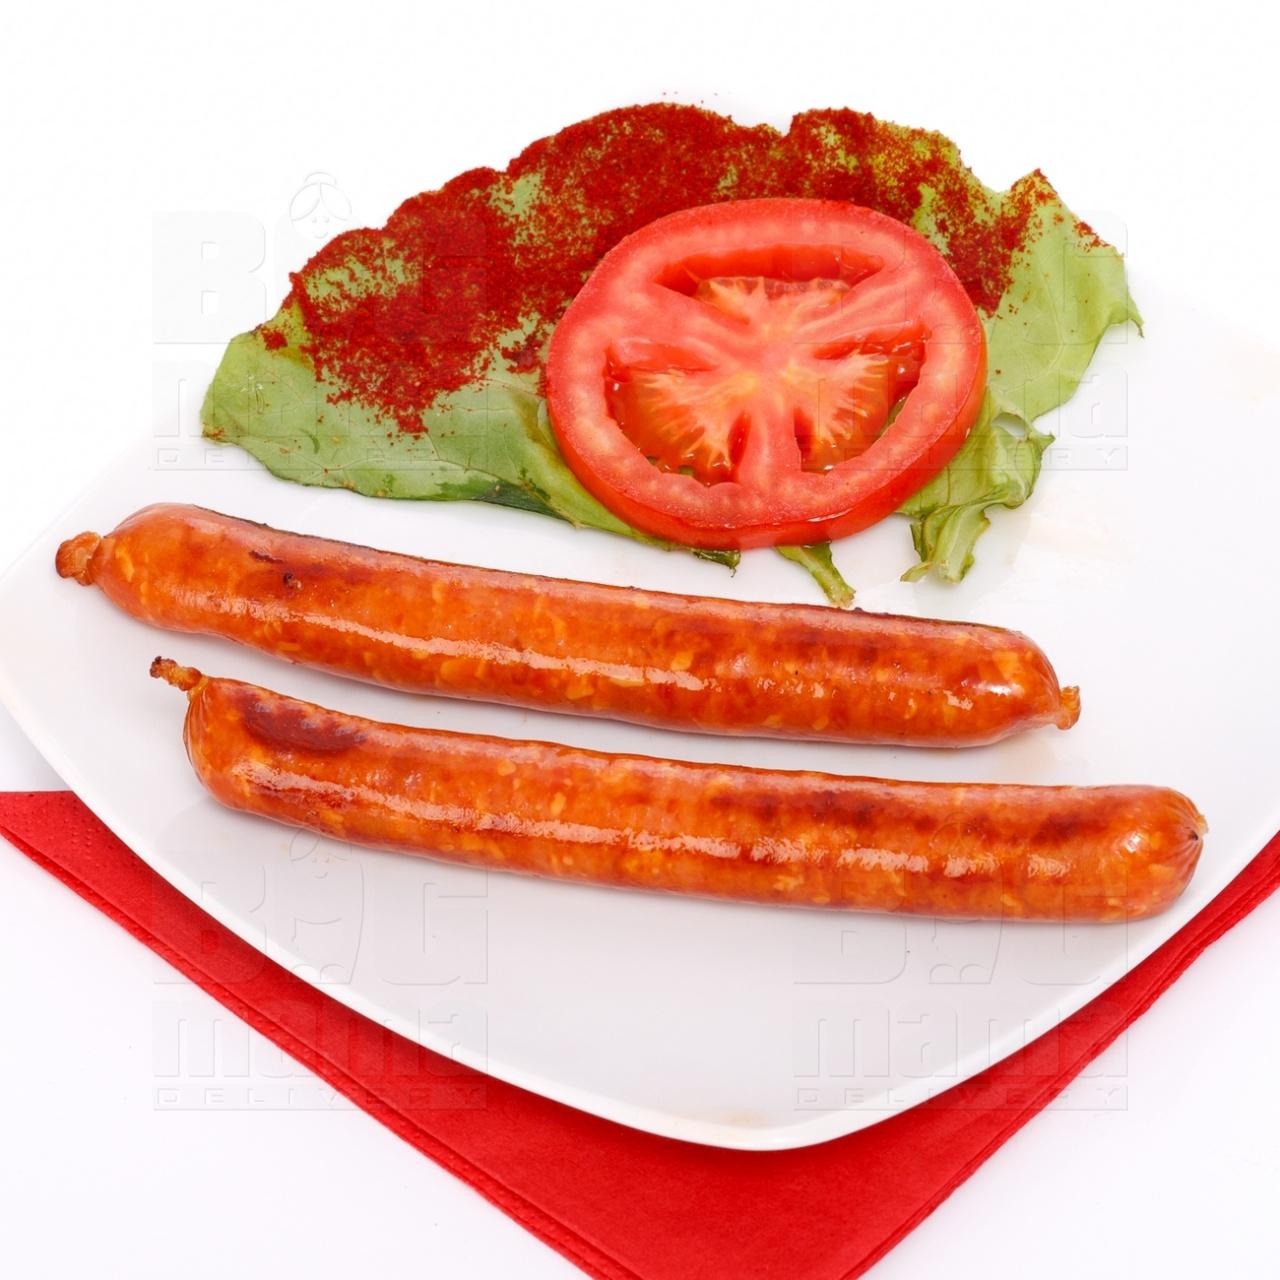 Product #17 image - Cârnaţi la grătar cu cascaval